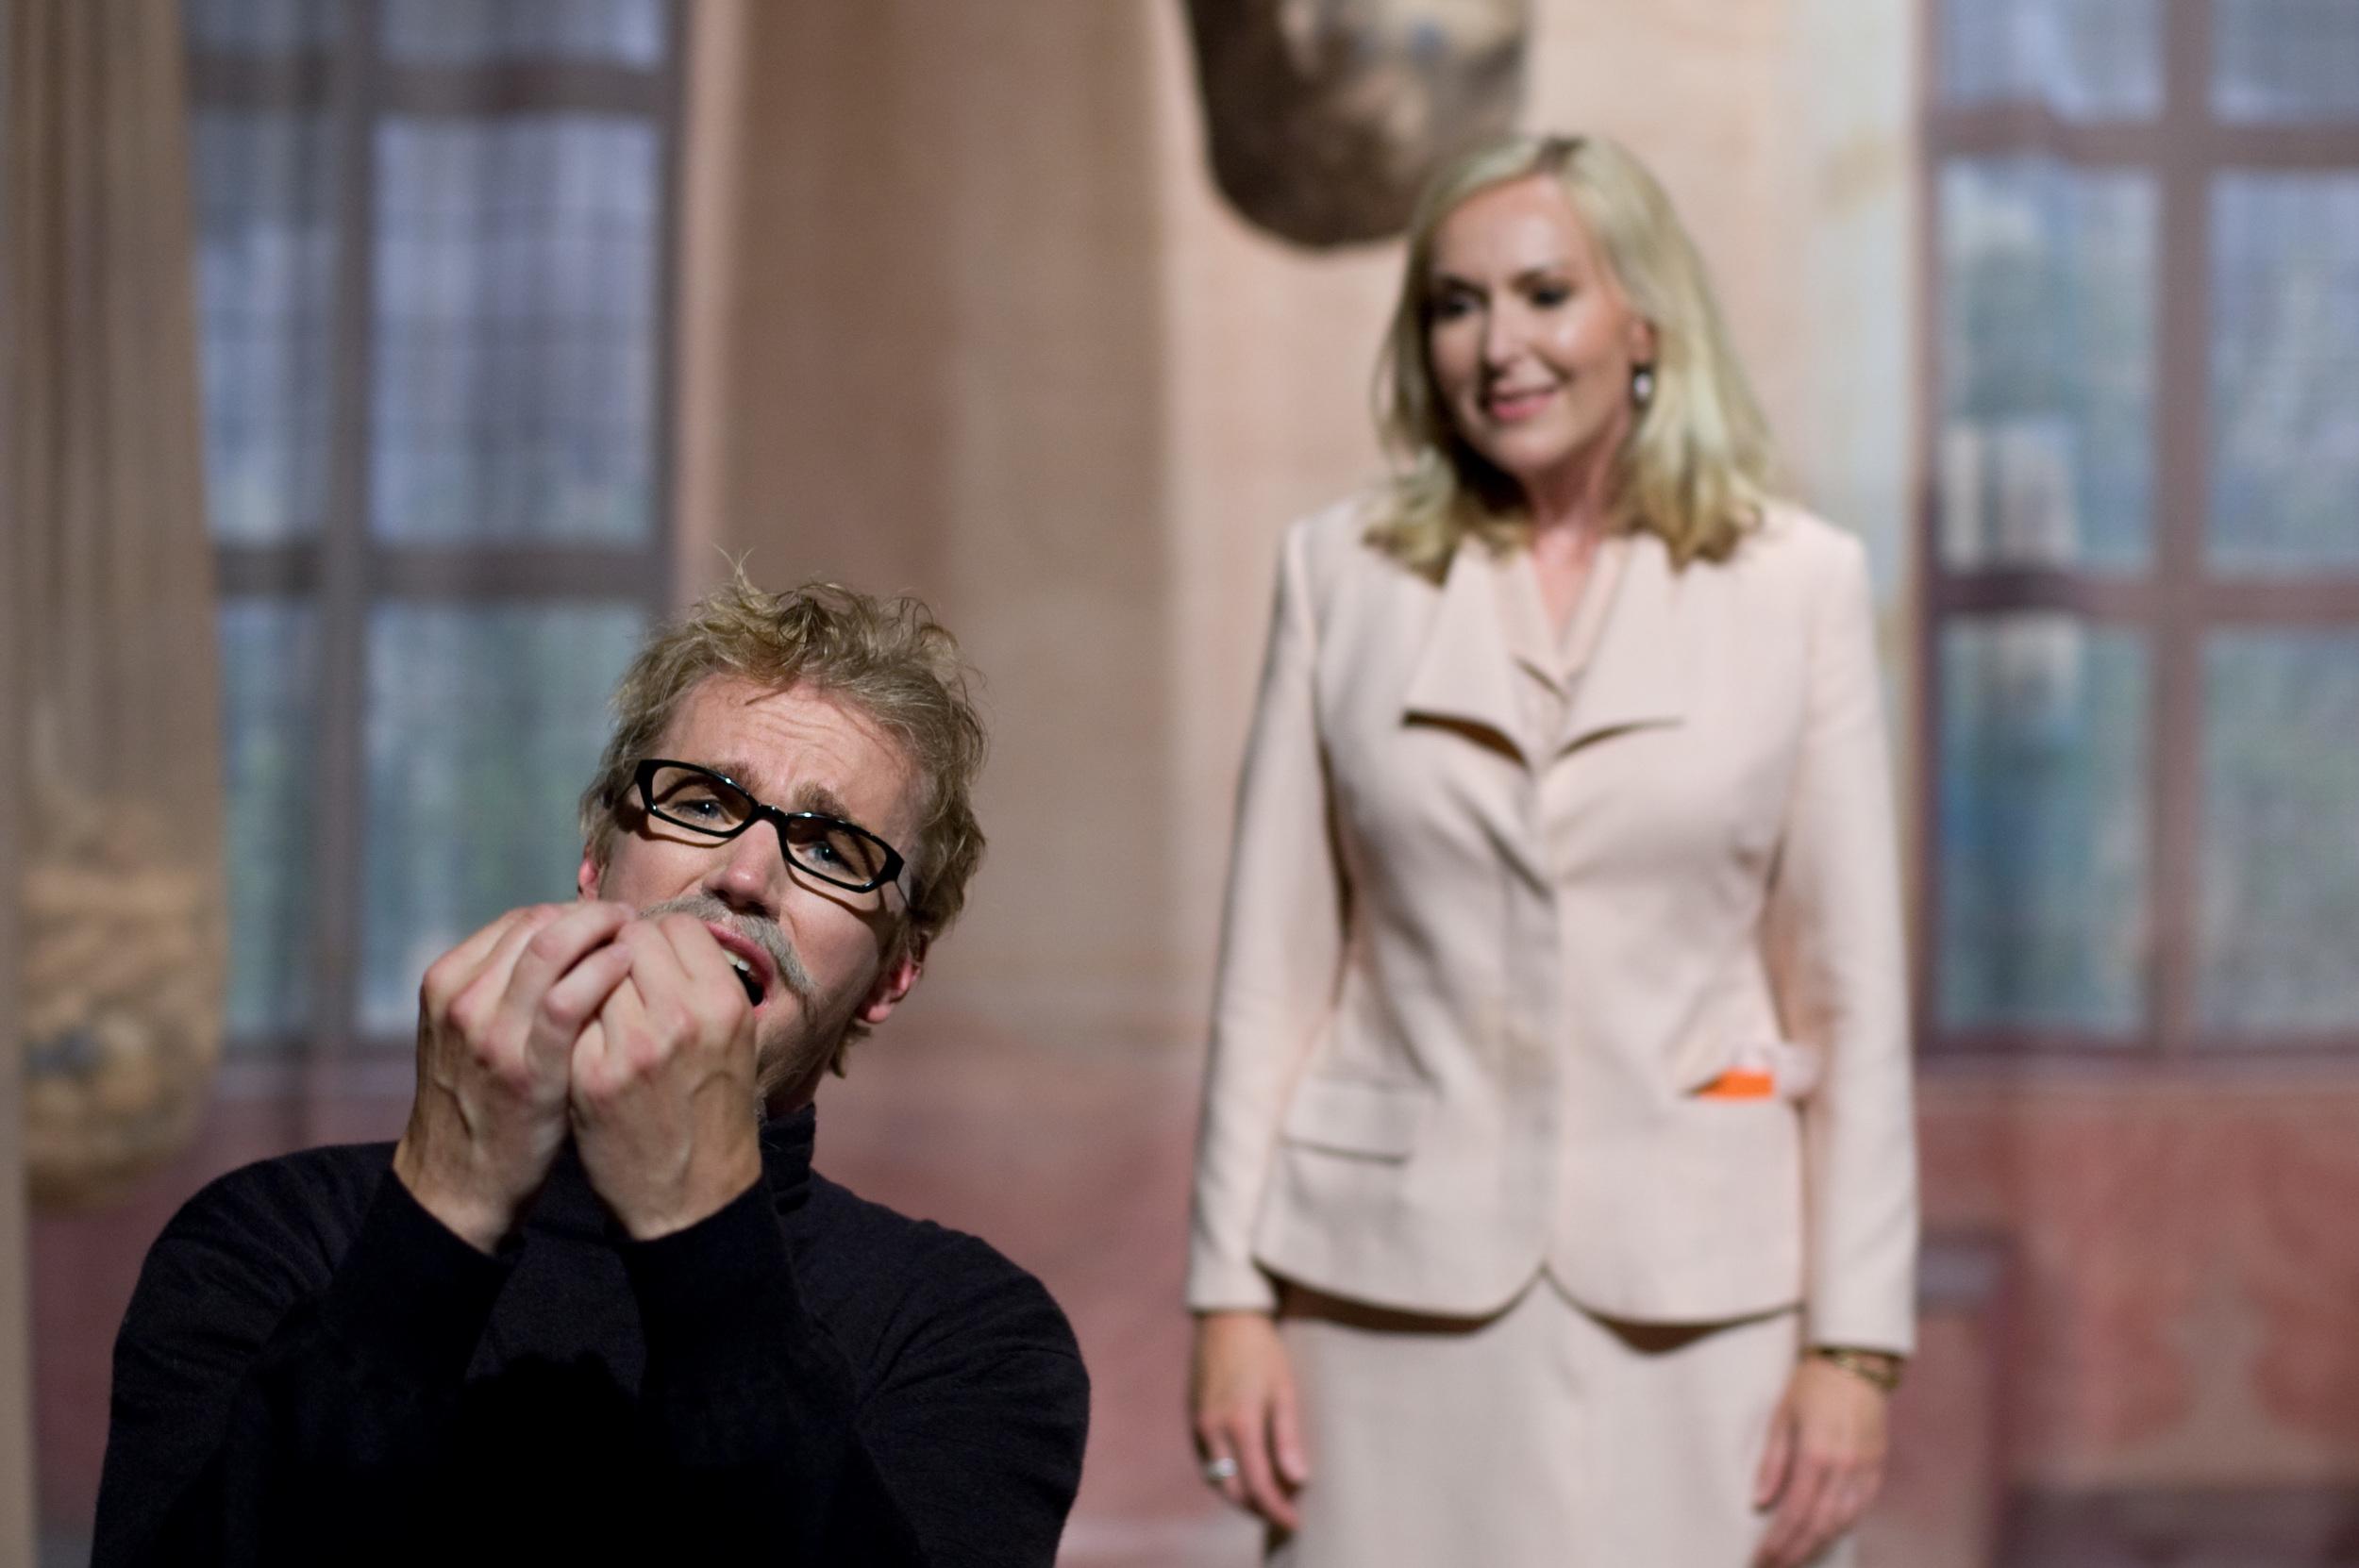 Näsflöjten, Vadstena-Akademien 2009 Fr v Zeke Bupp-Carl Ackerfeldt, Kulturministern-Ulrika Tenstam.JPG